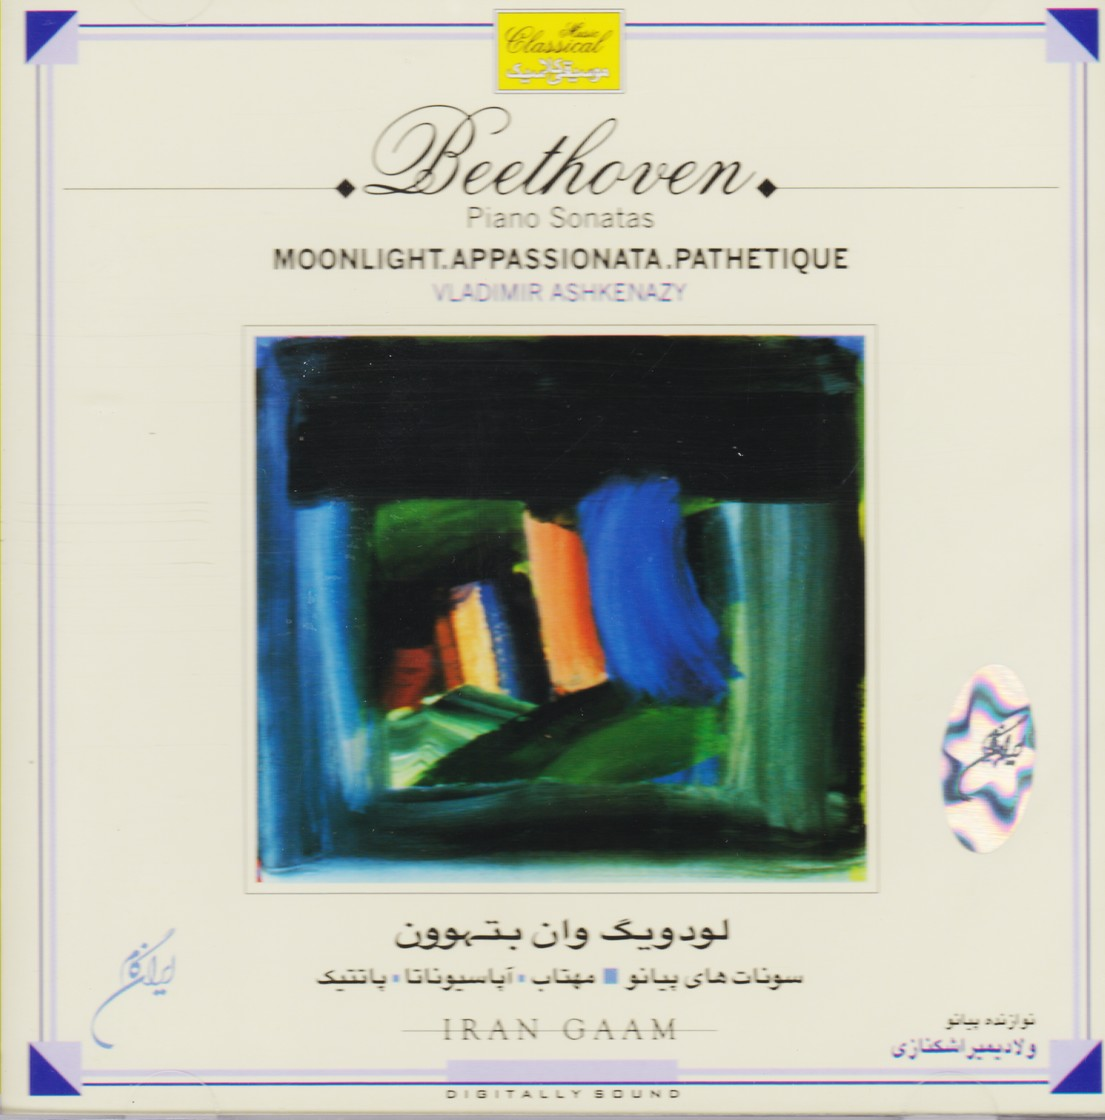 سونات های پیانو: مهتاب.آپاسیوناتا.پاتتیک